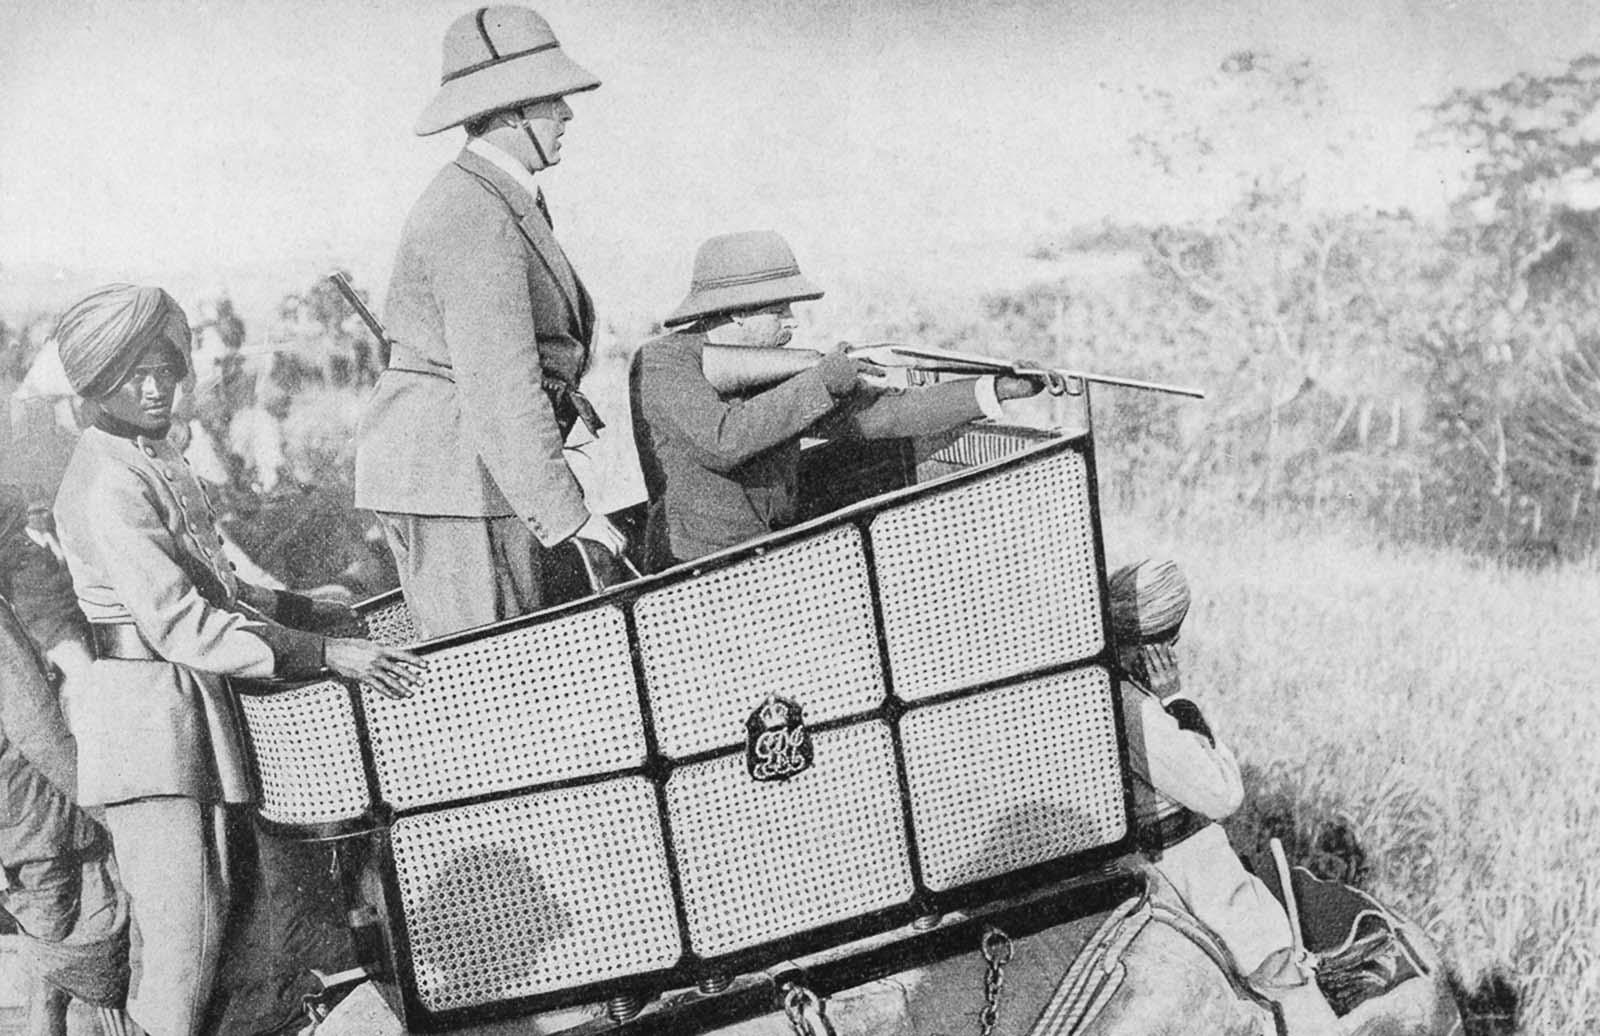 Em 1911 a realeza britânica foi à Índia para ser coroada e aproveitou para caçar 12